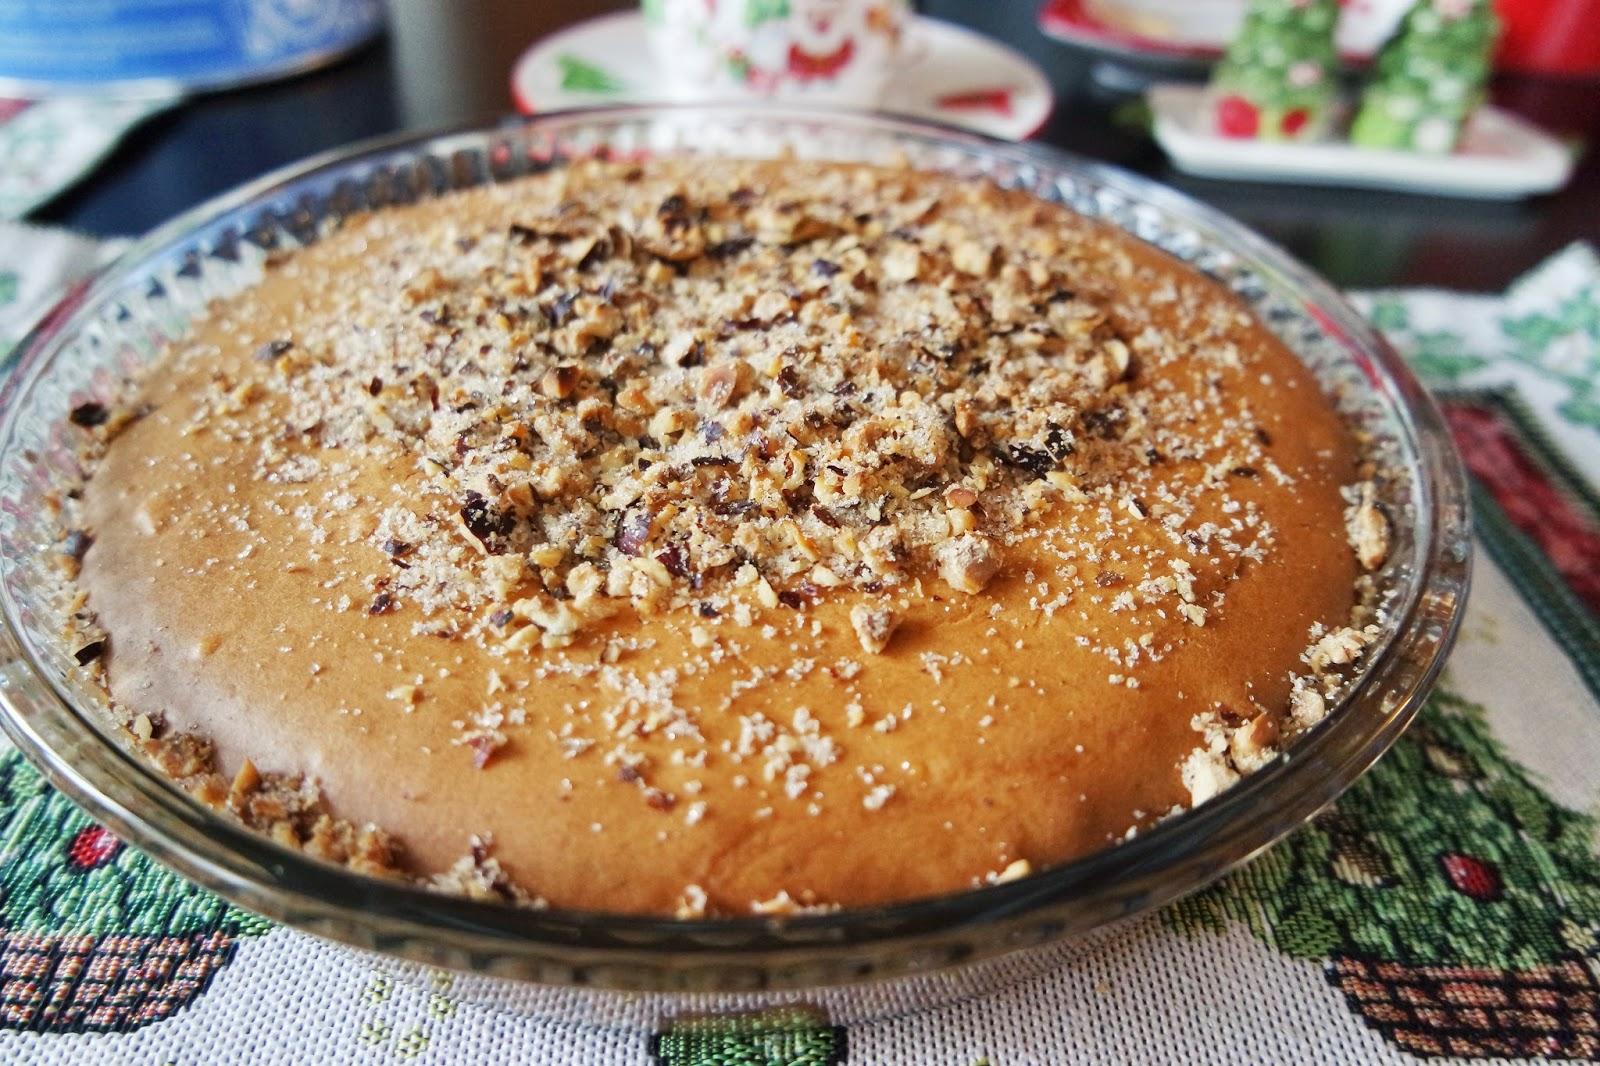 Yoğunlaştırılmış süt üzerinde çörekler: yemek pişirmek için bir tarif. Yoğunlaştırılmış sütte lezzetli çörekler nasıl pişirilir